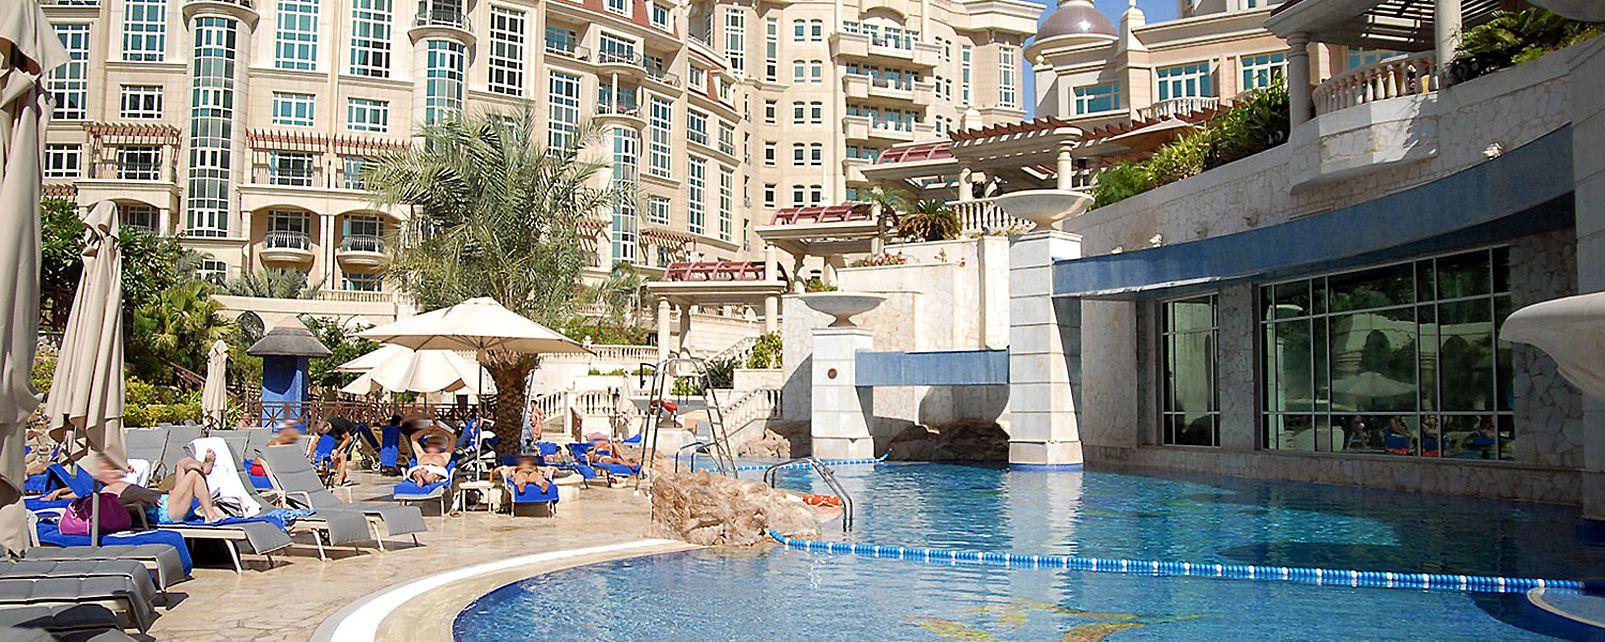 Hotel Al Murooj by Rotana